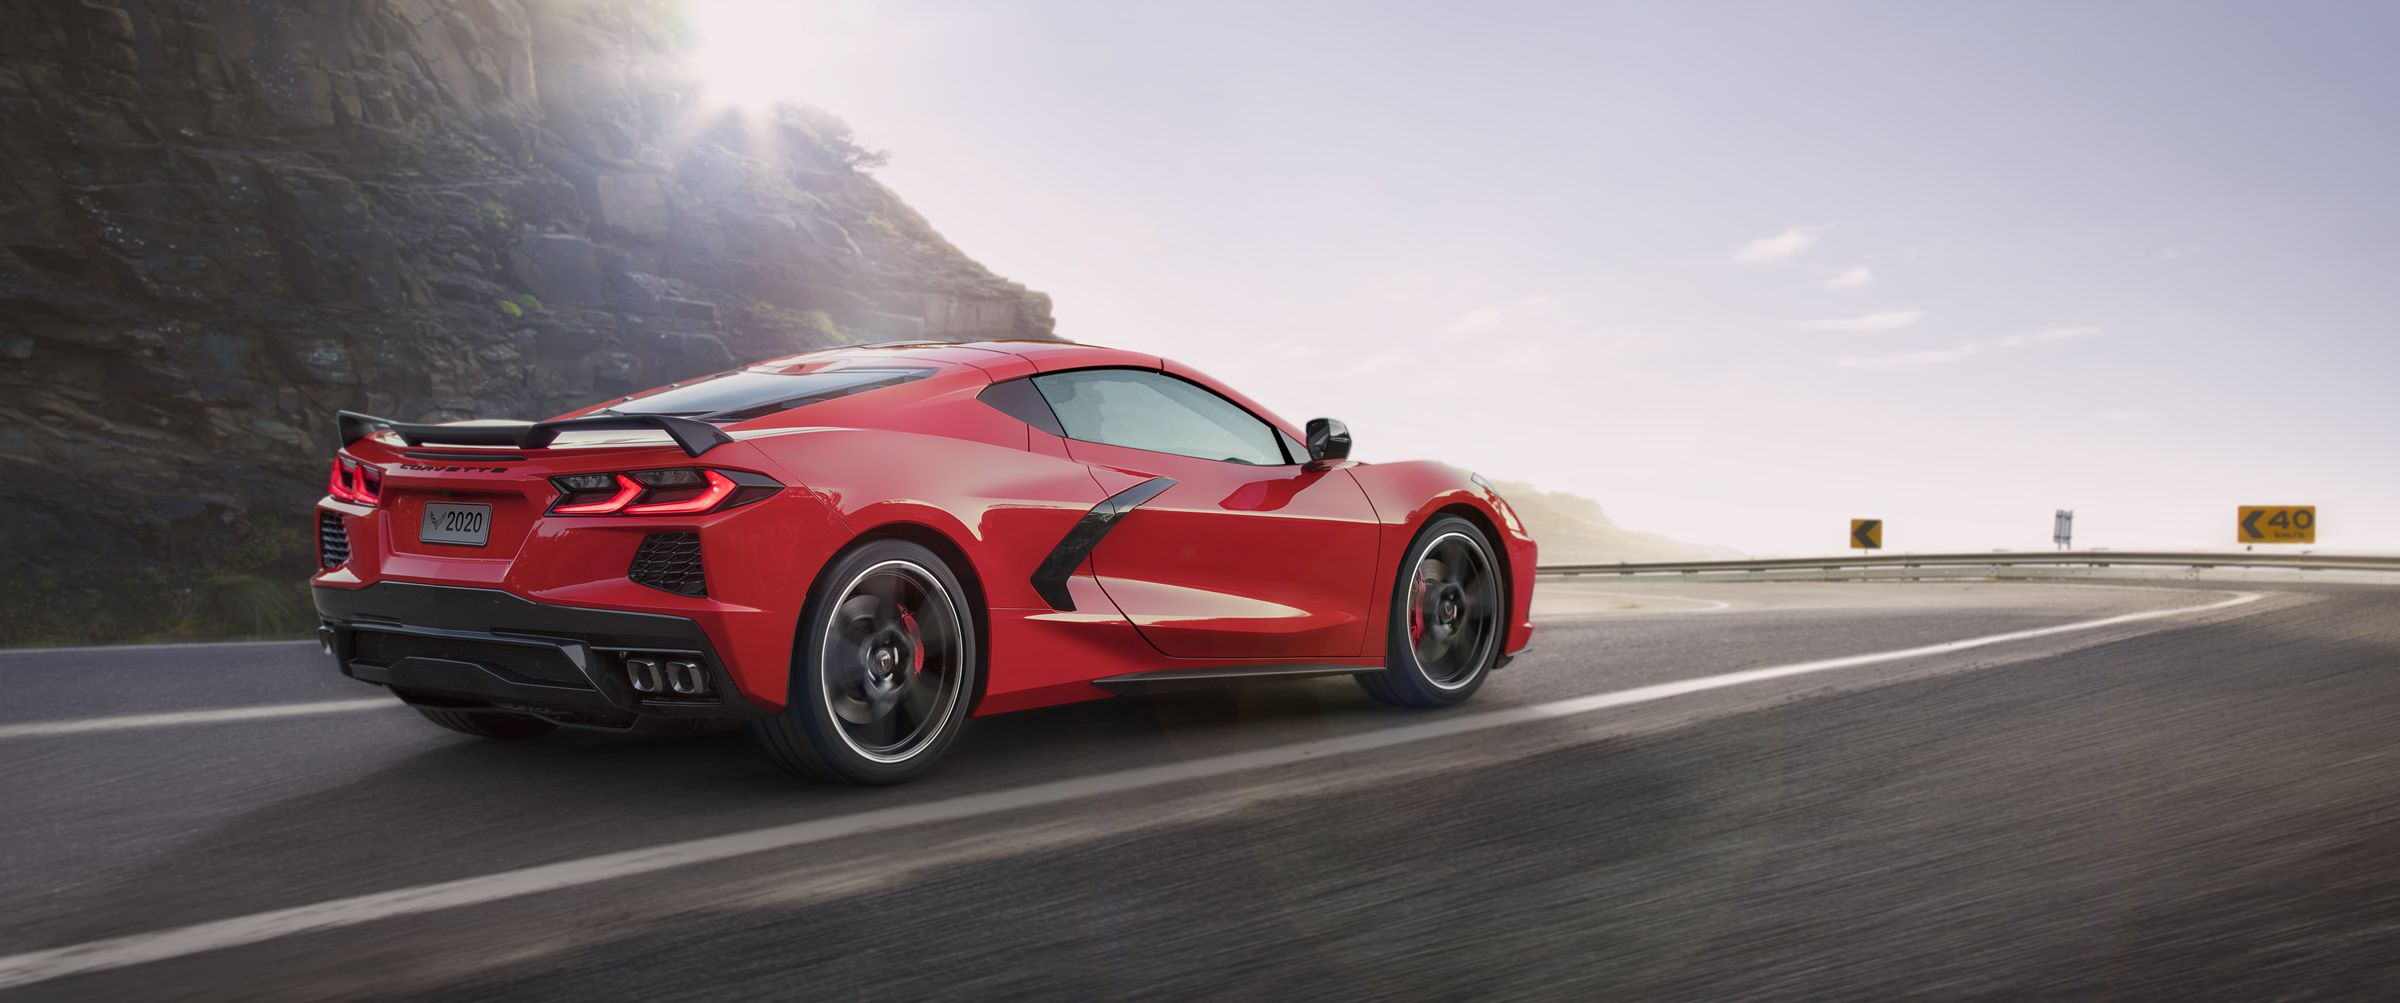 2020 Corvette C8